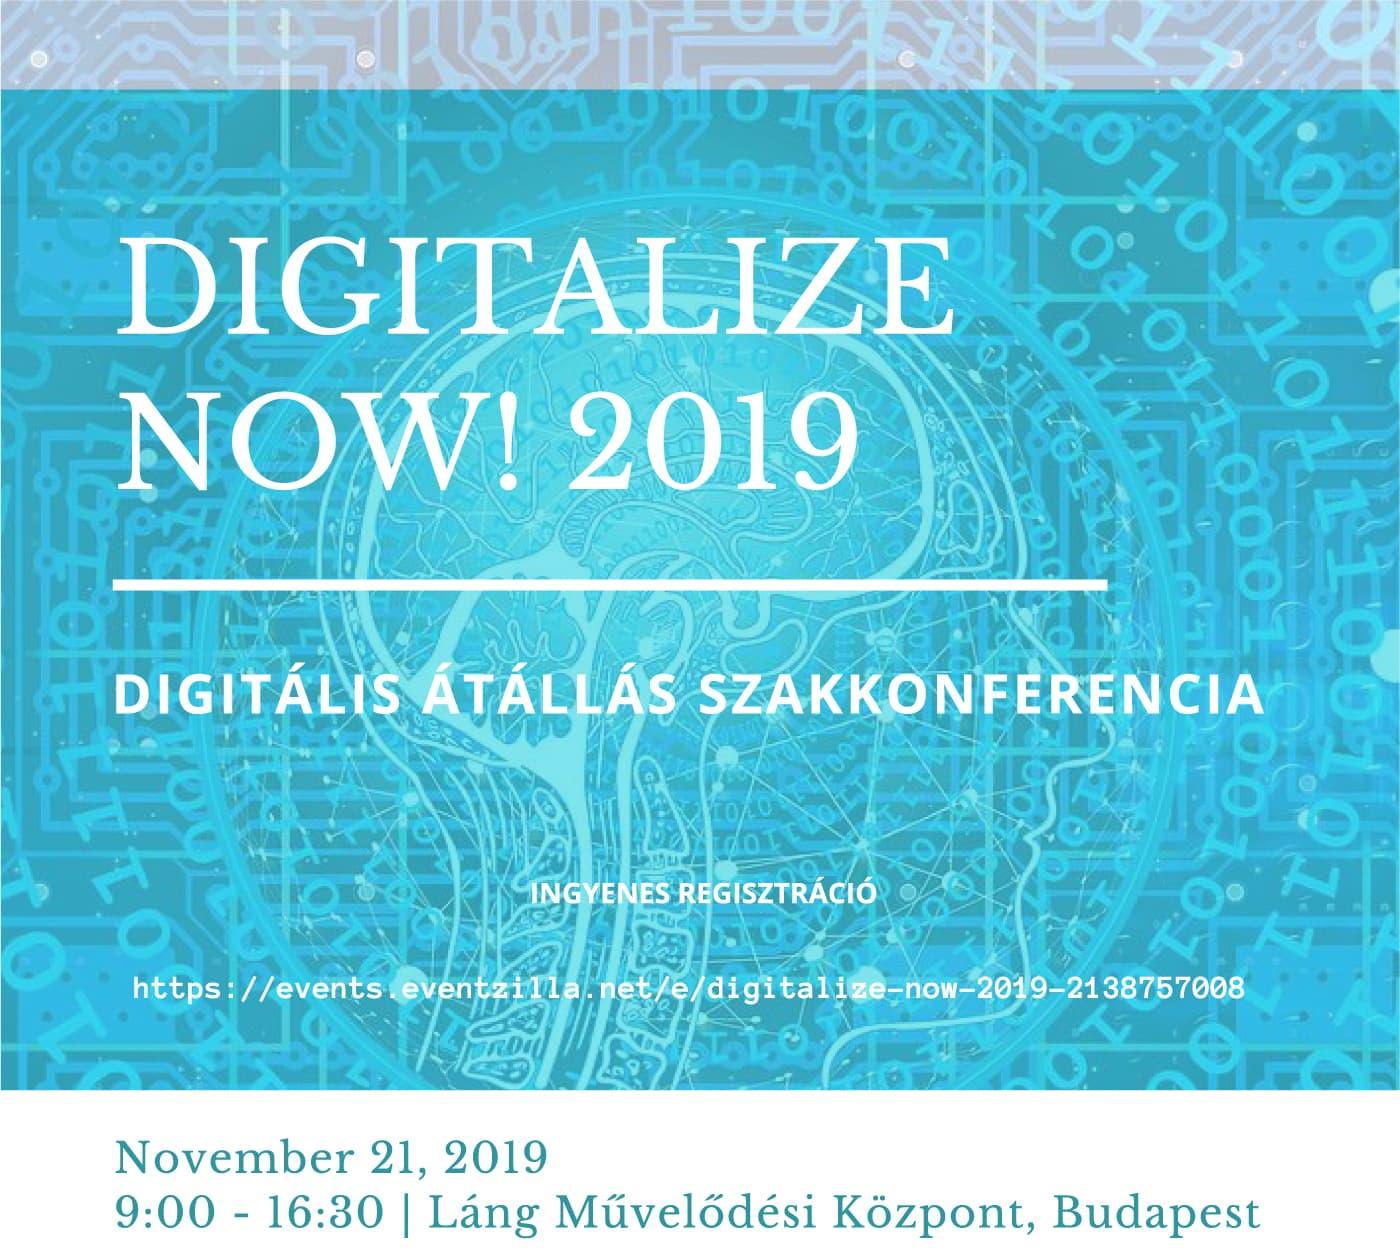 Digitalize now! 2019 - Esemény borító - Itosz.hu